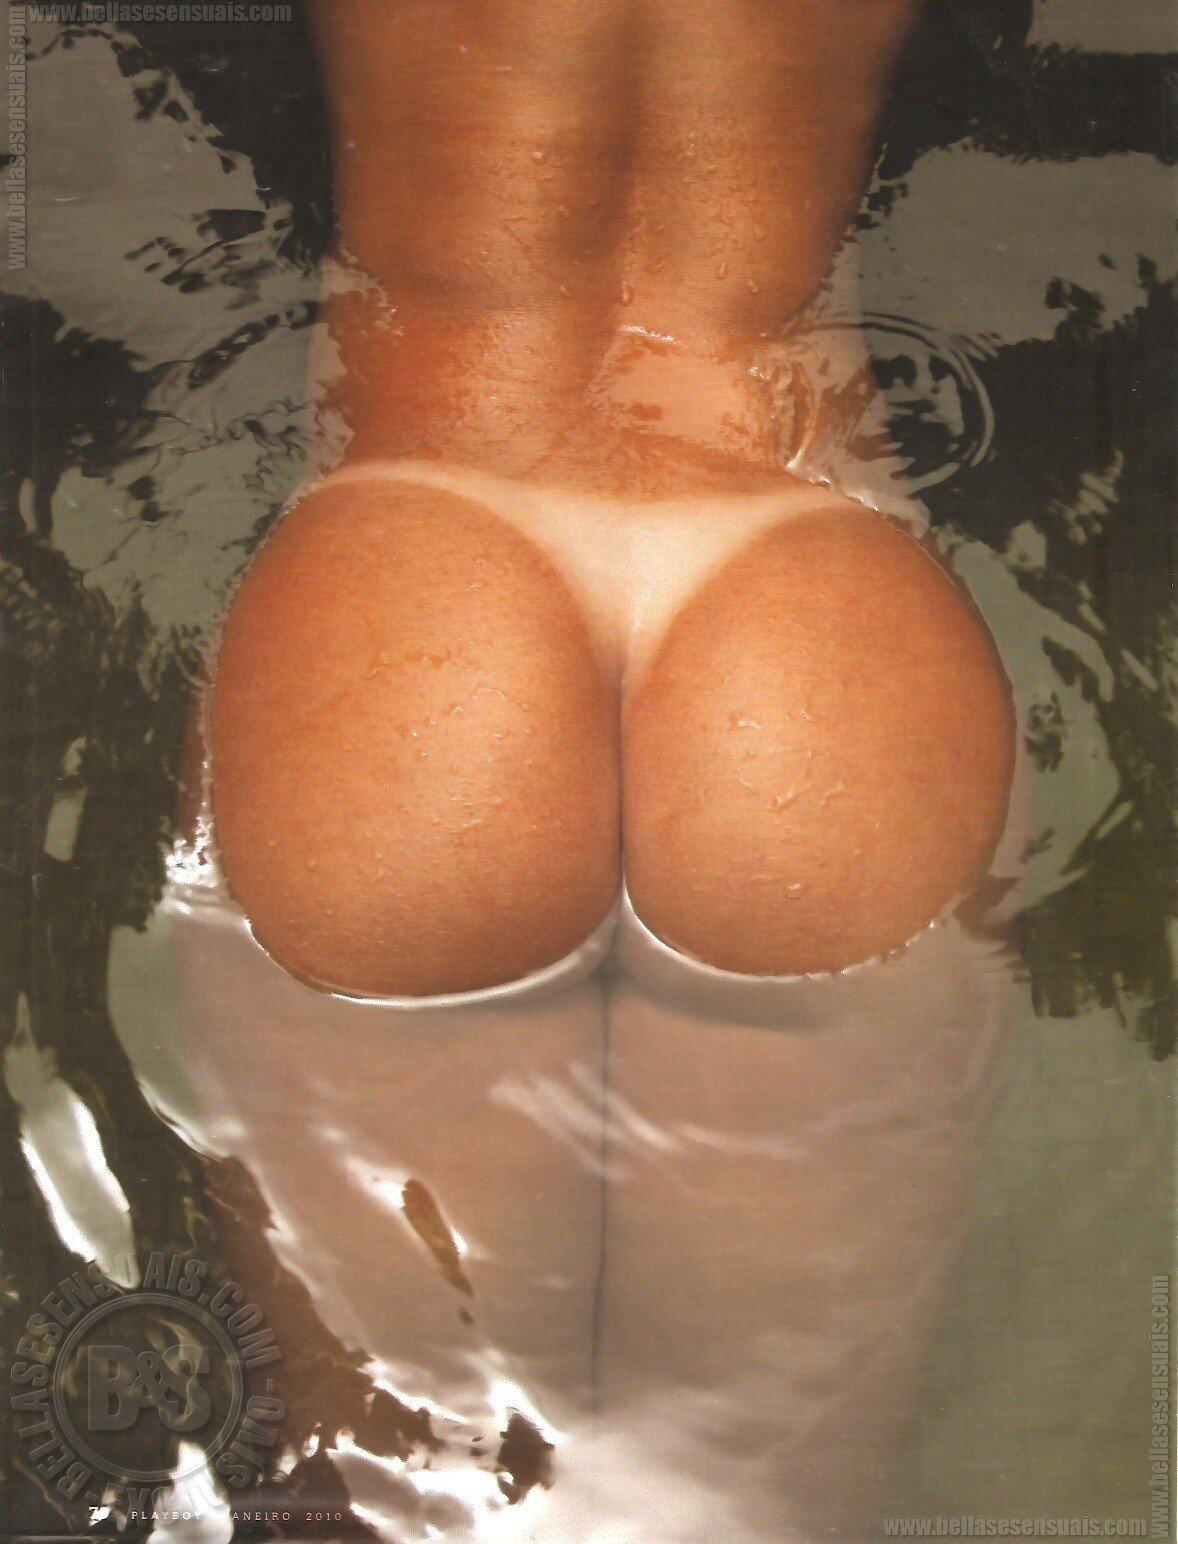 Fotos Playboy Panicat Juju Salimeni Janeiro (13)